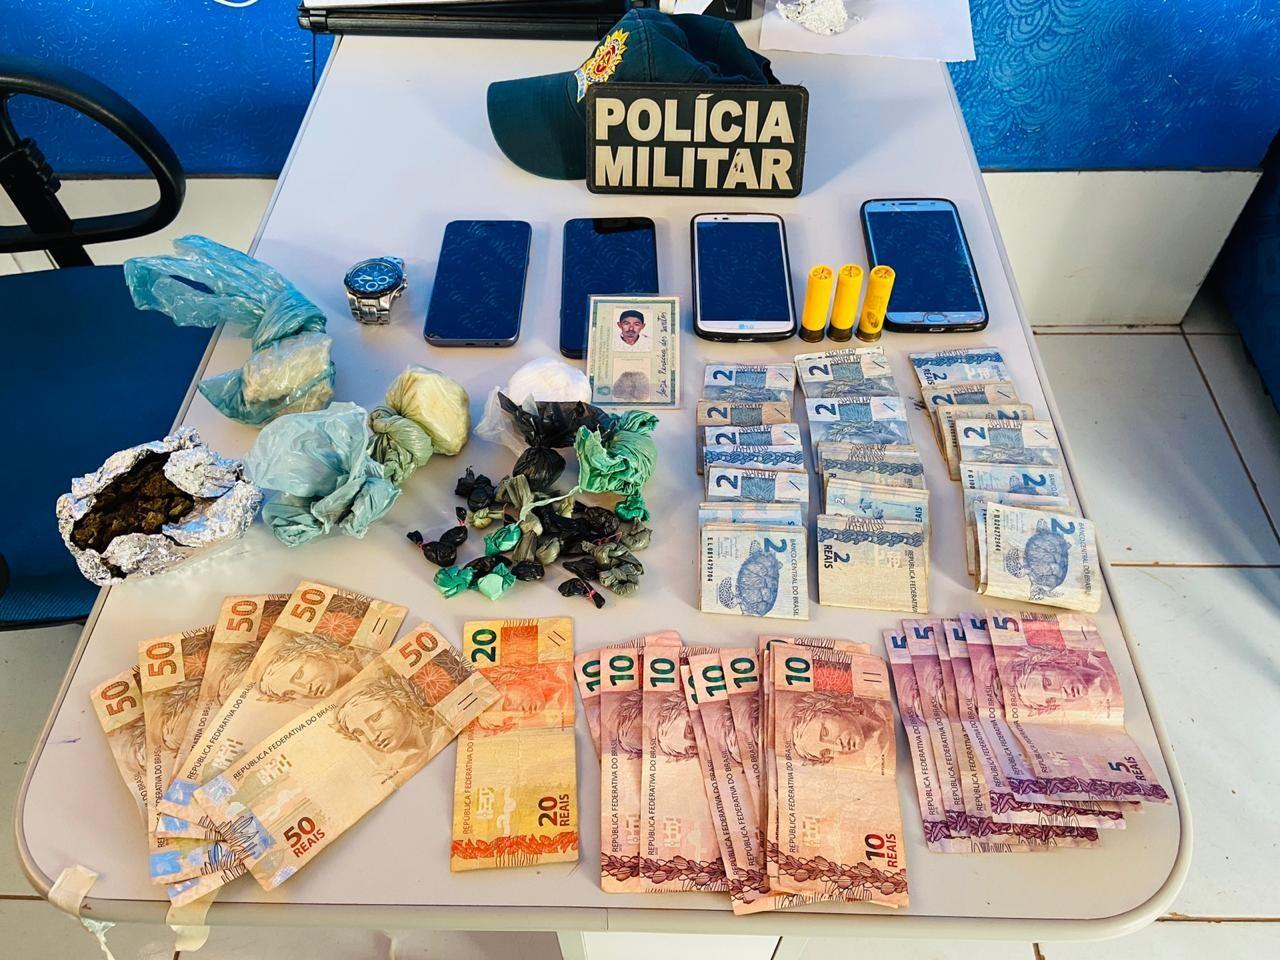 PM flagra joalheria funcionando como ponto de tráfico de drogas em Itaituba, no Pará